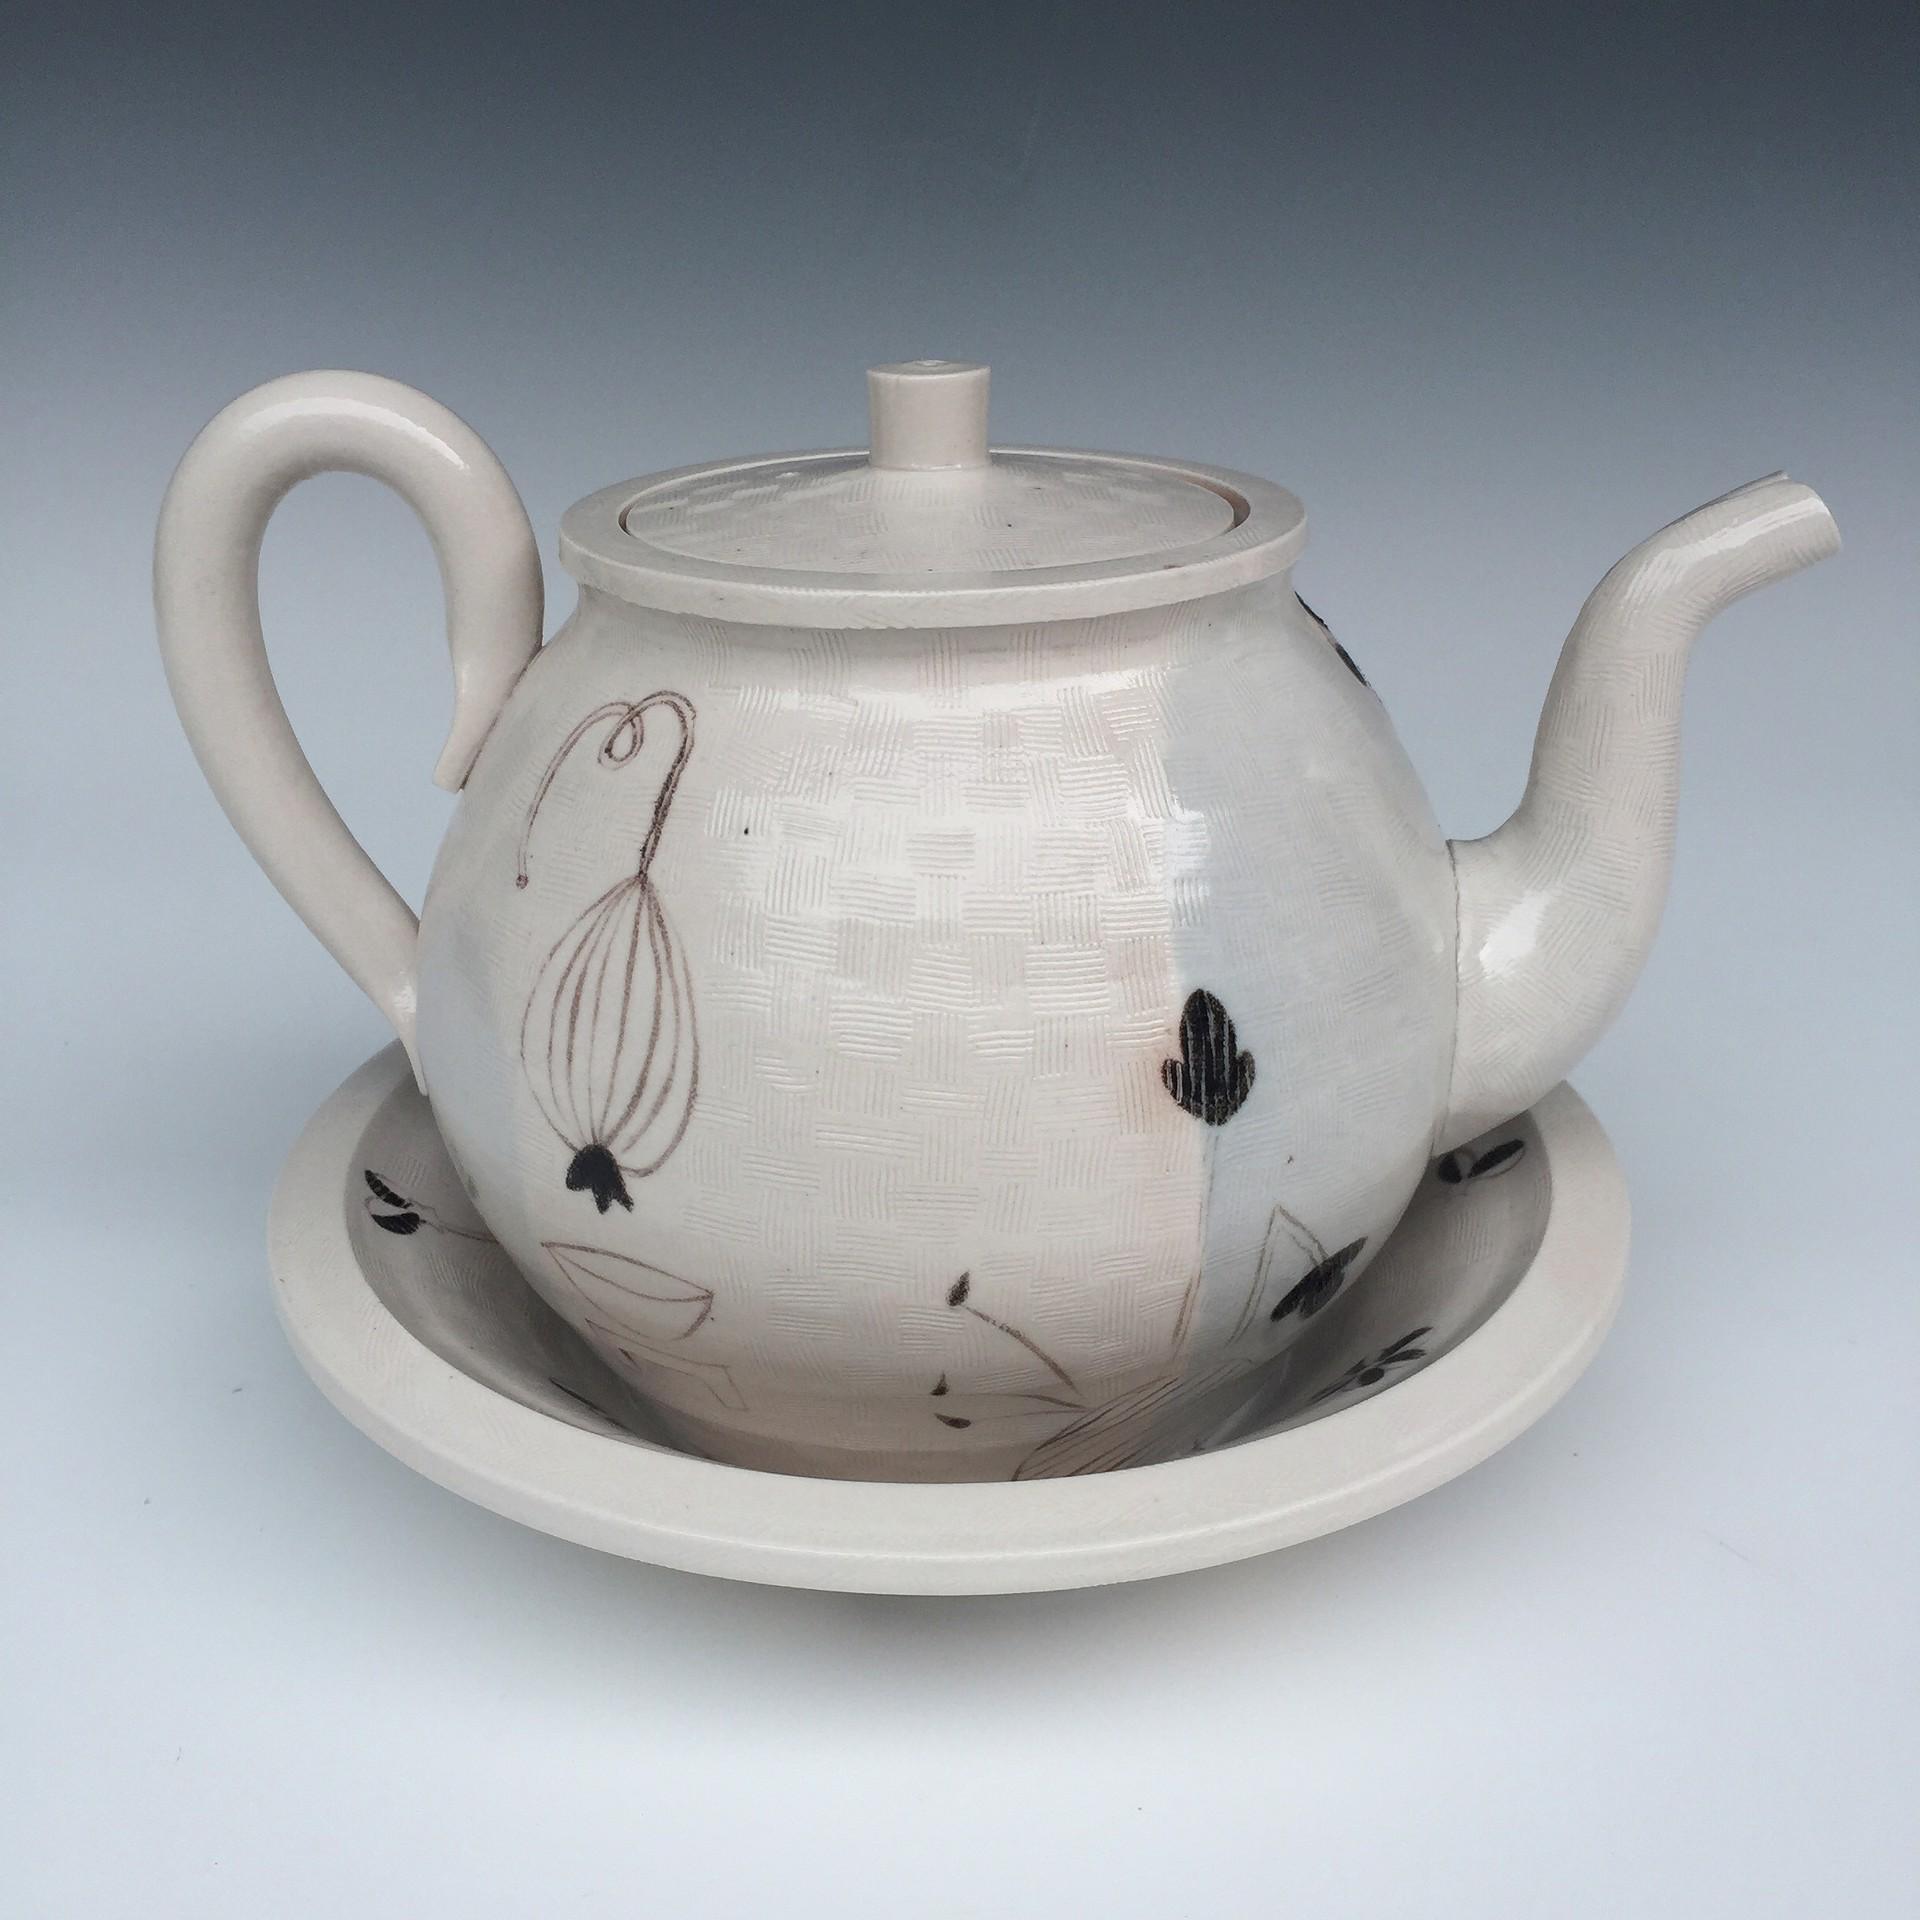 Flat Top Teapot w/Bowl & Painted Motifs by Linda Sikora